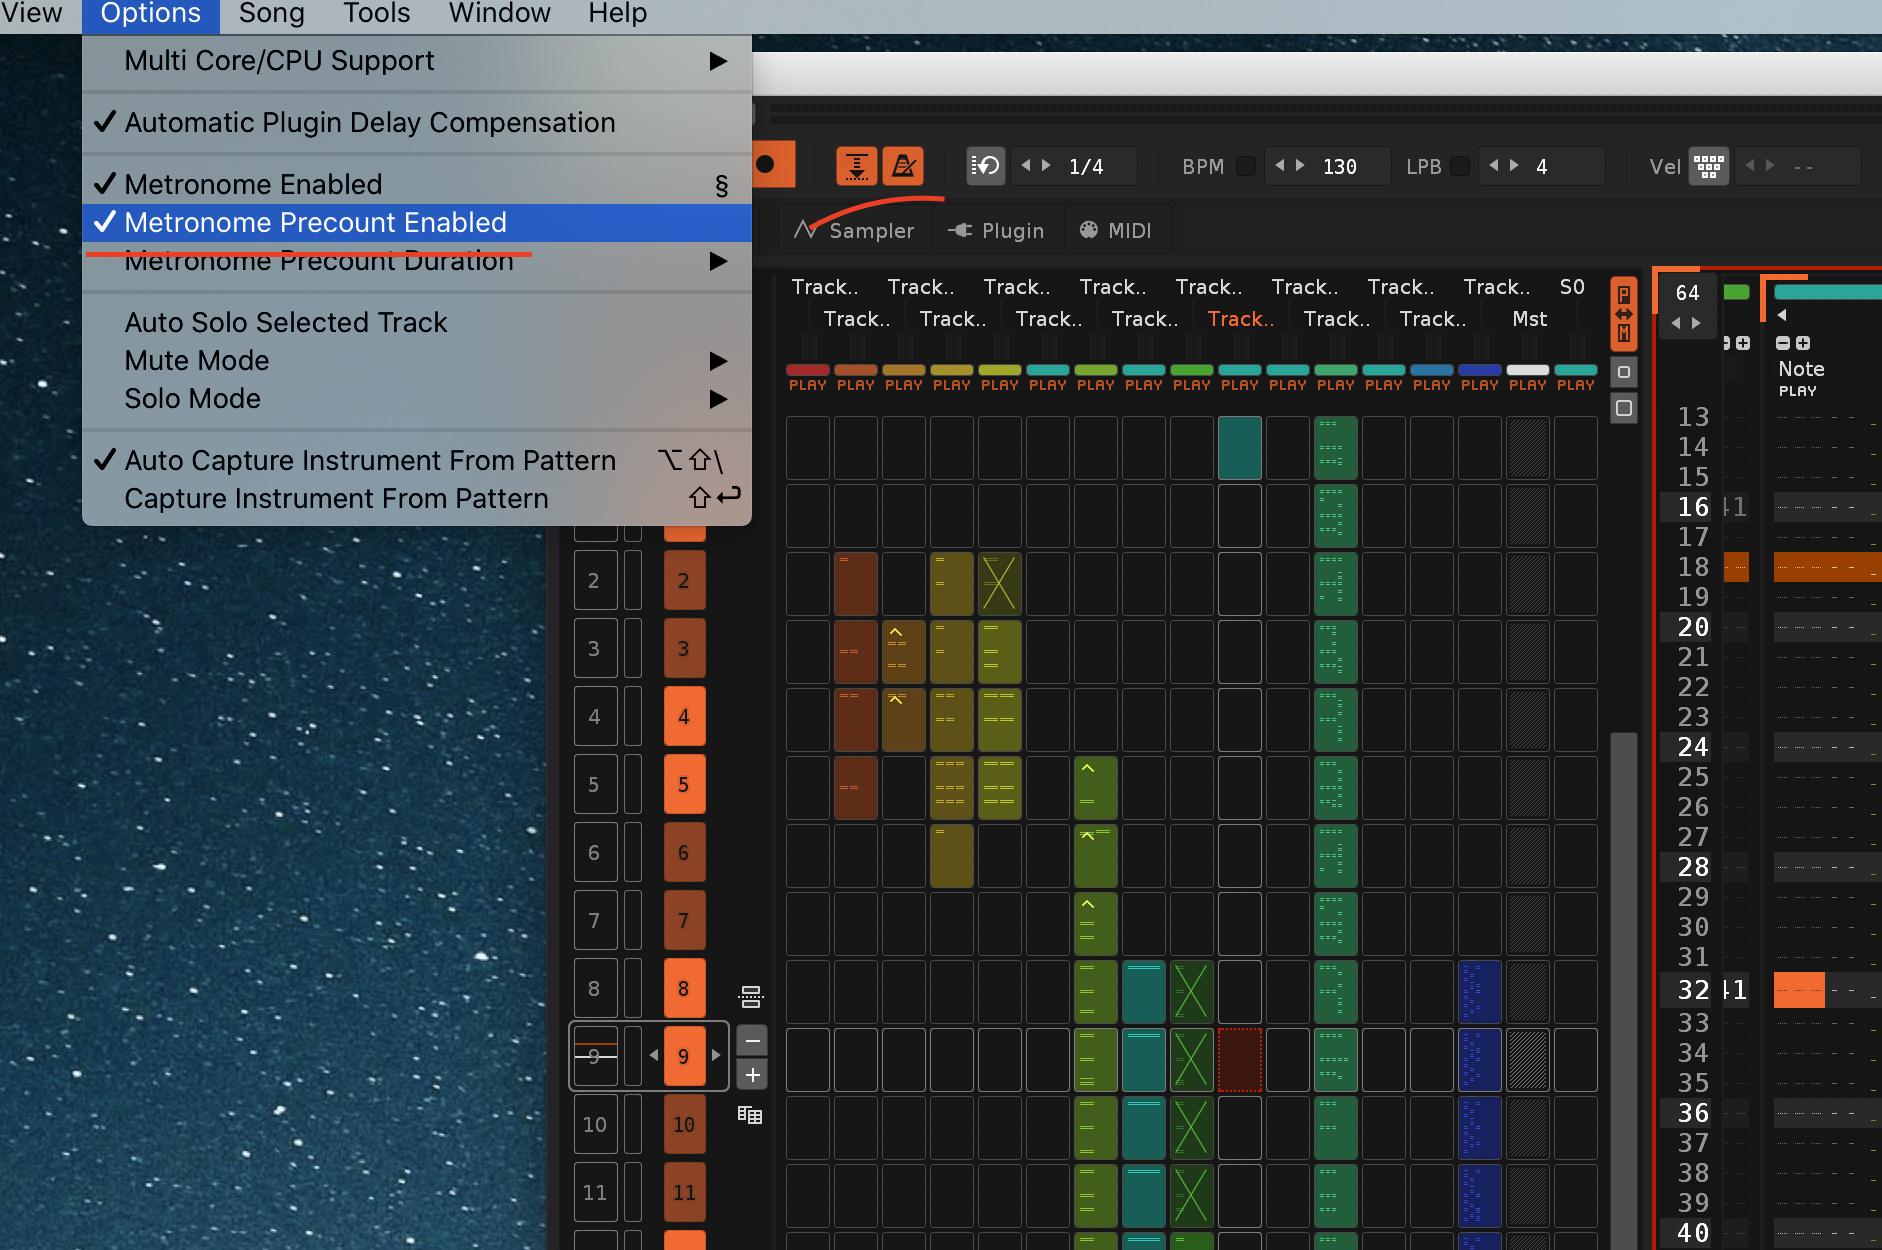 Screenshot 2020-07-11 at 16.51.52